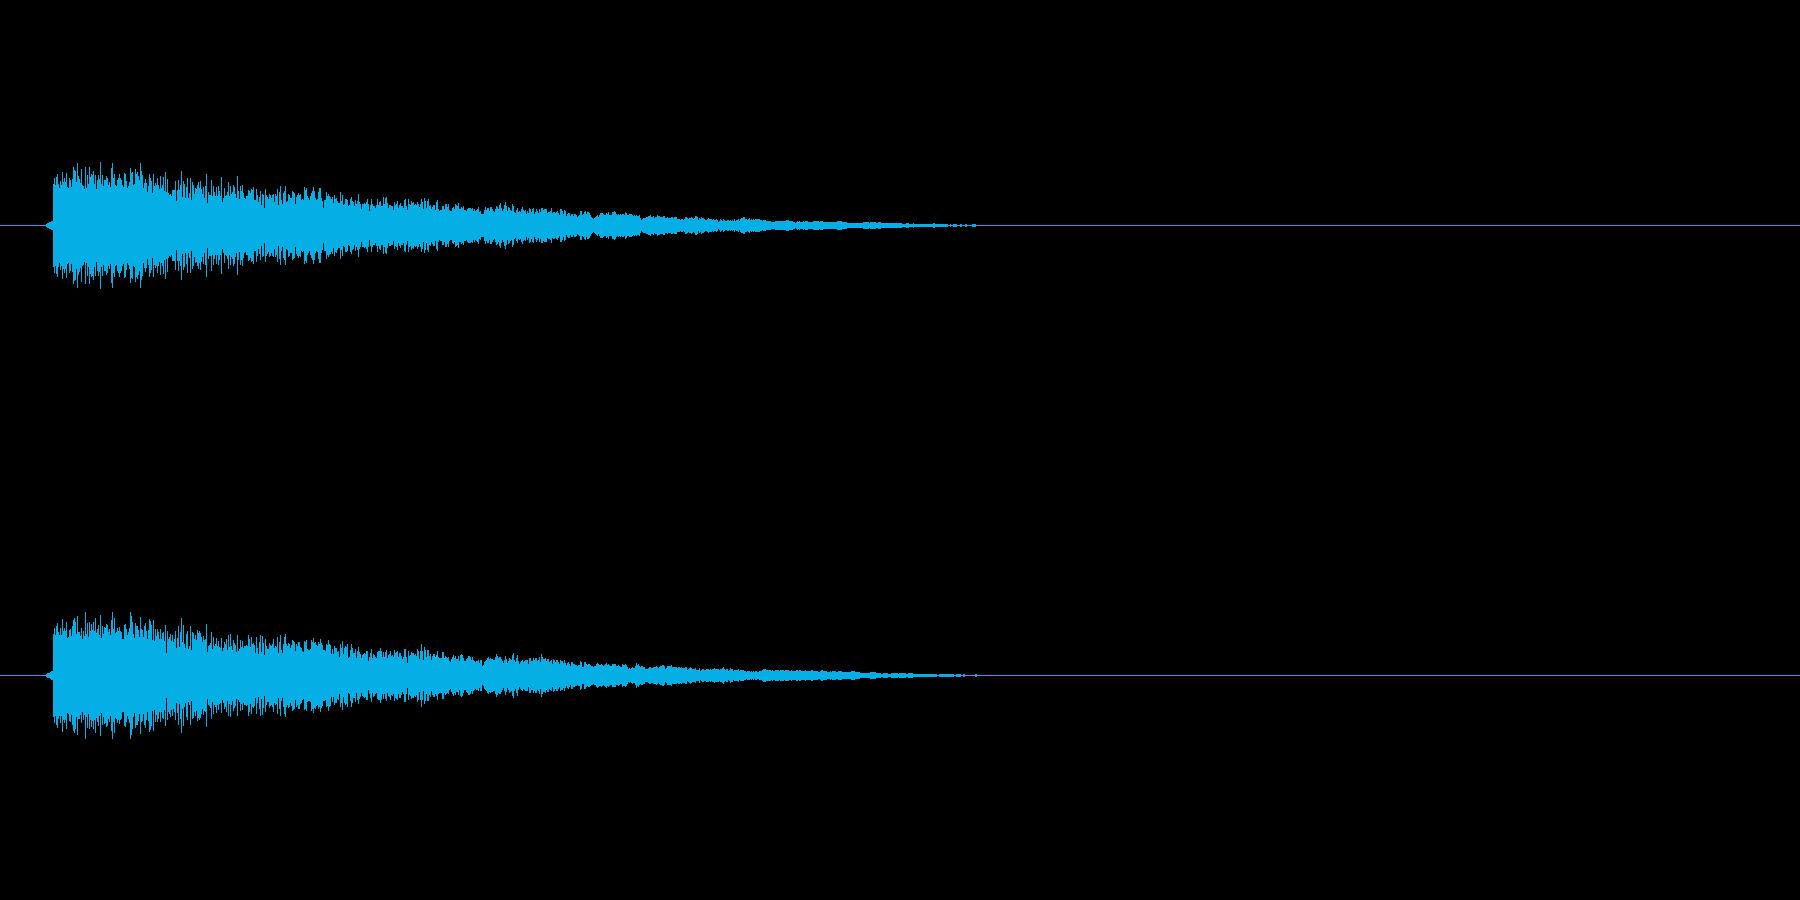 【ネガティブ03-2】の再生済みの波形